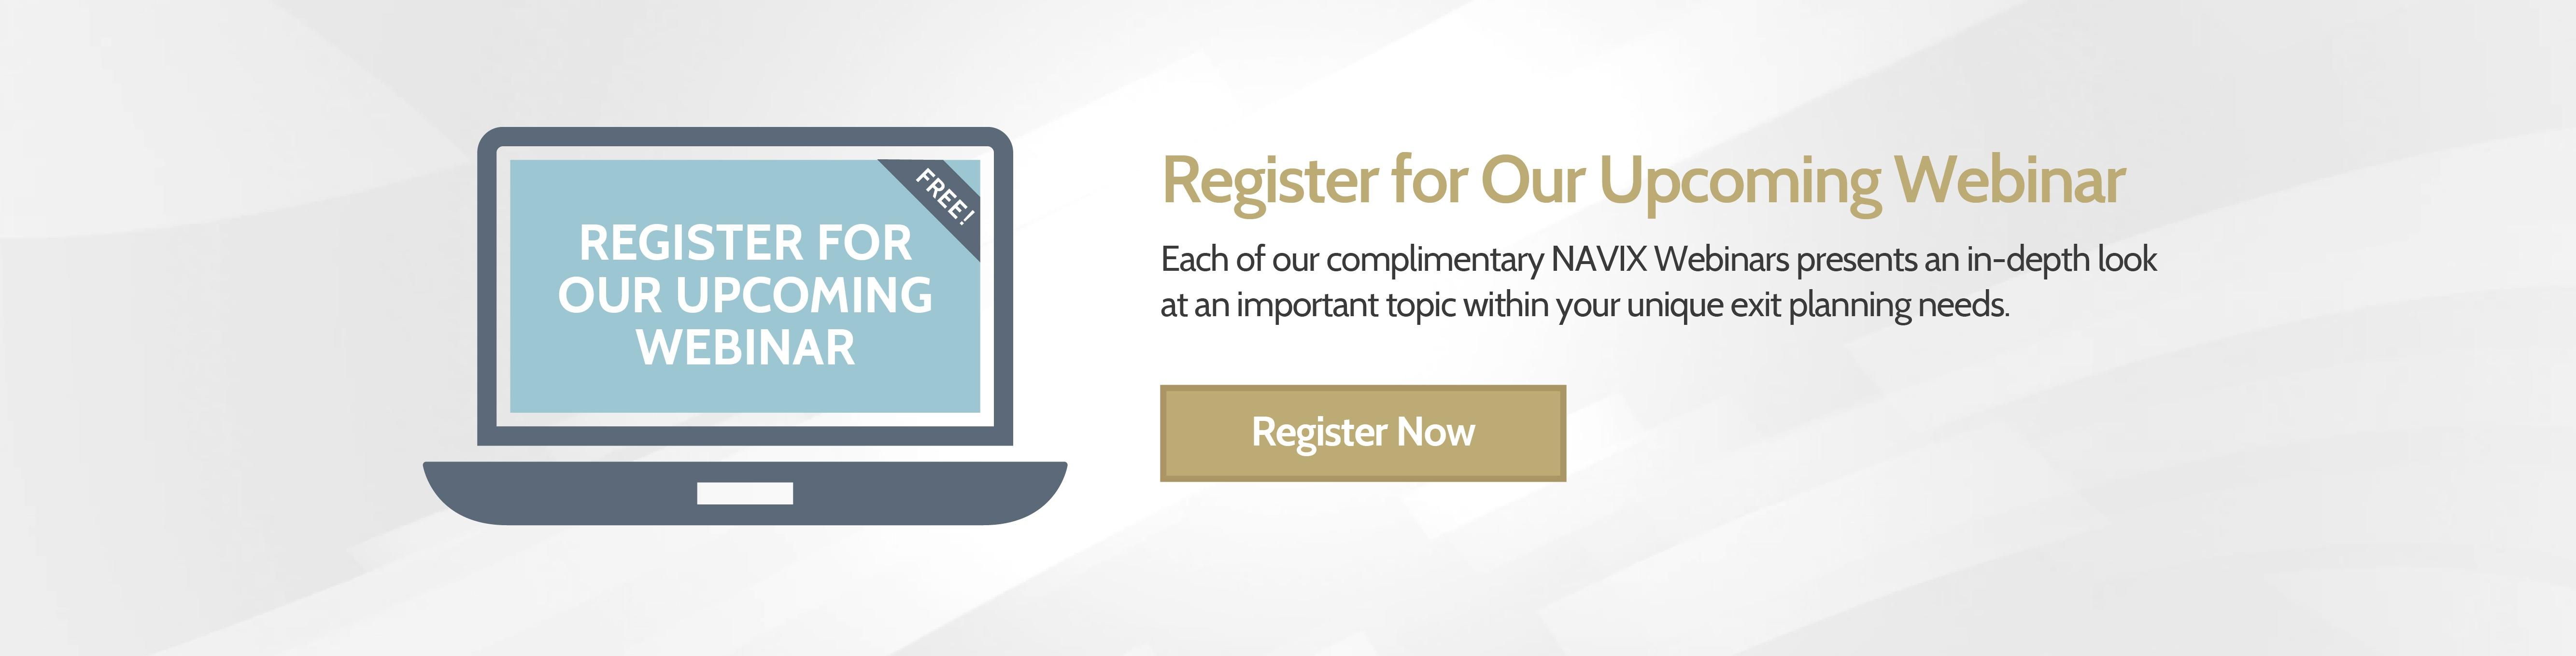 Register for Our Upcoming Webinar